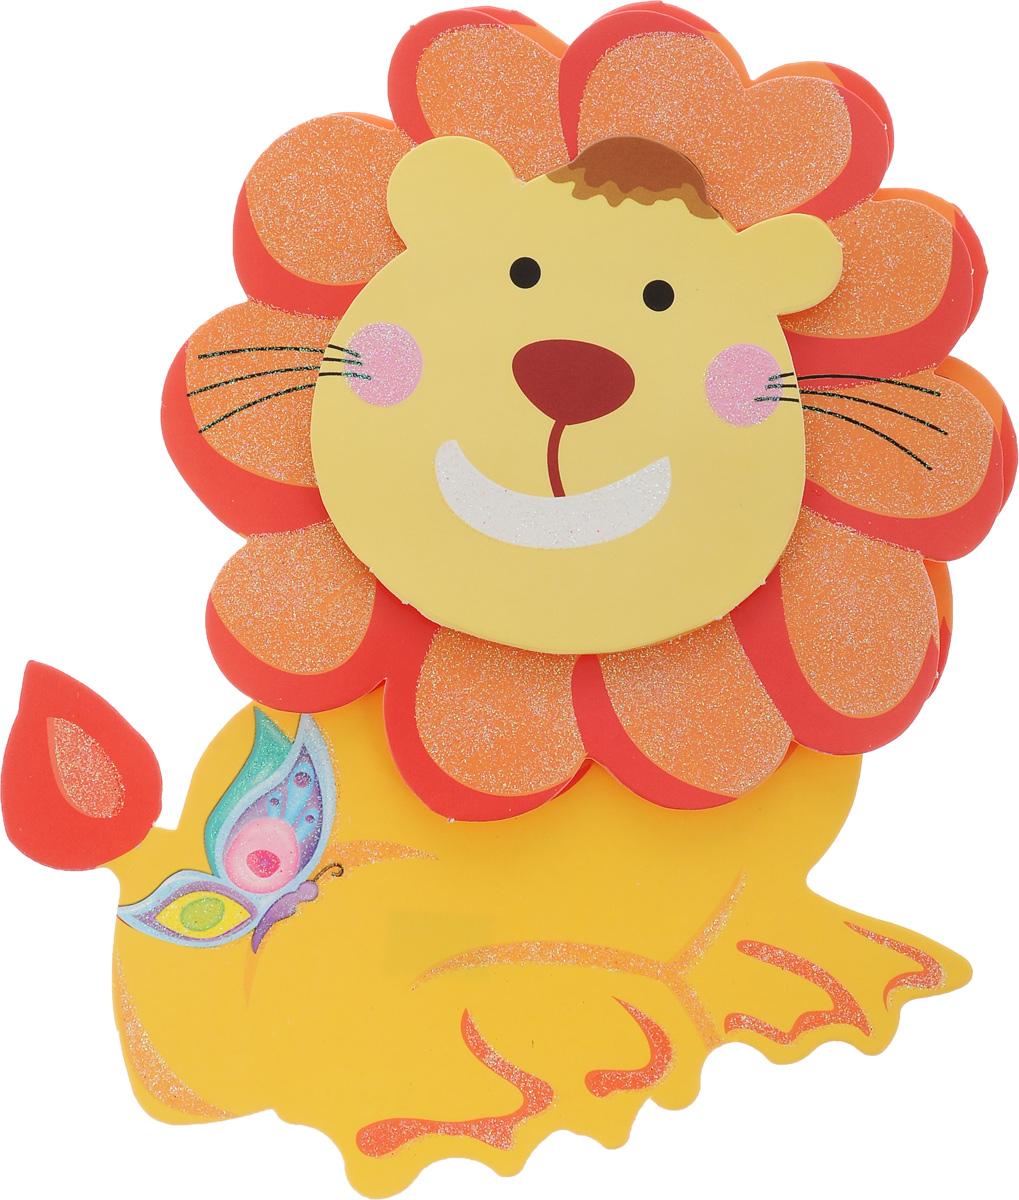 Наклейка декоративная Феникс-Презент Лев, самоклеющаяся, 35,5 х 25 см300194_белый/дом, продуктыДекоративная наклейка Феникс-Презент Лев поможет украсить вашдом.Наклейка выполнена ввиде красочного льва.Декоративная наклейка Феникс Лев многоразового использования. Выбравновое место в доме, вы легко сможете переклеить наклейку снова. Наклейка прекрасноукрасит стены, окна, двери, зеркала и другие поверхности. Создайте в своем доме атмосферу тепла, веселья и радости, украшая его всейсемьей.